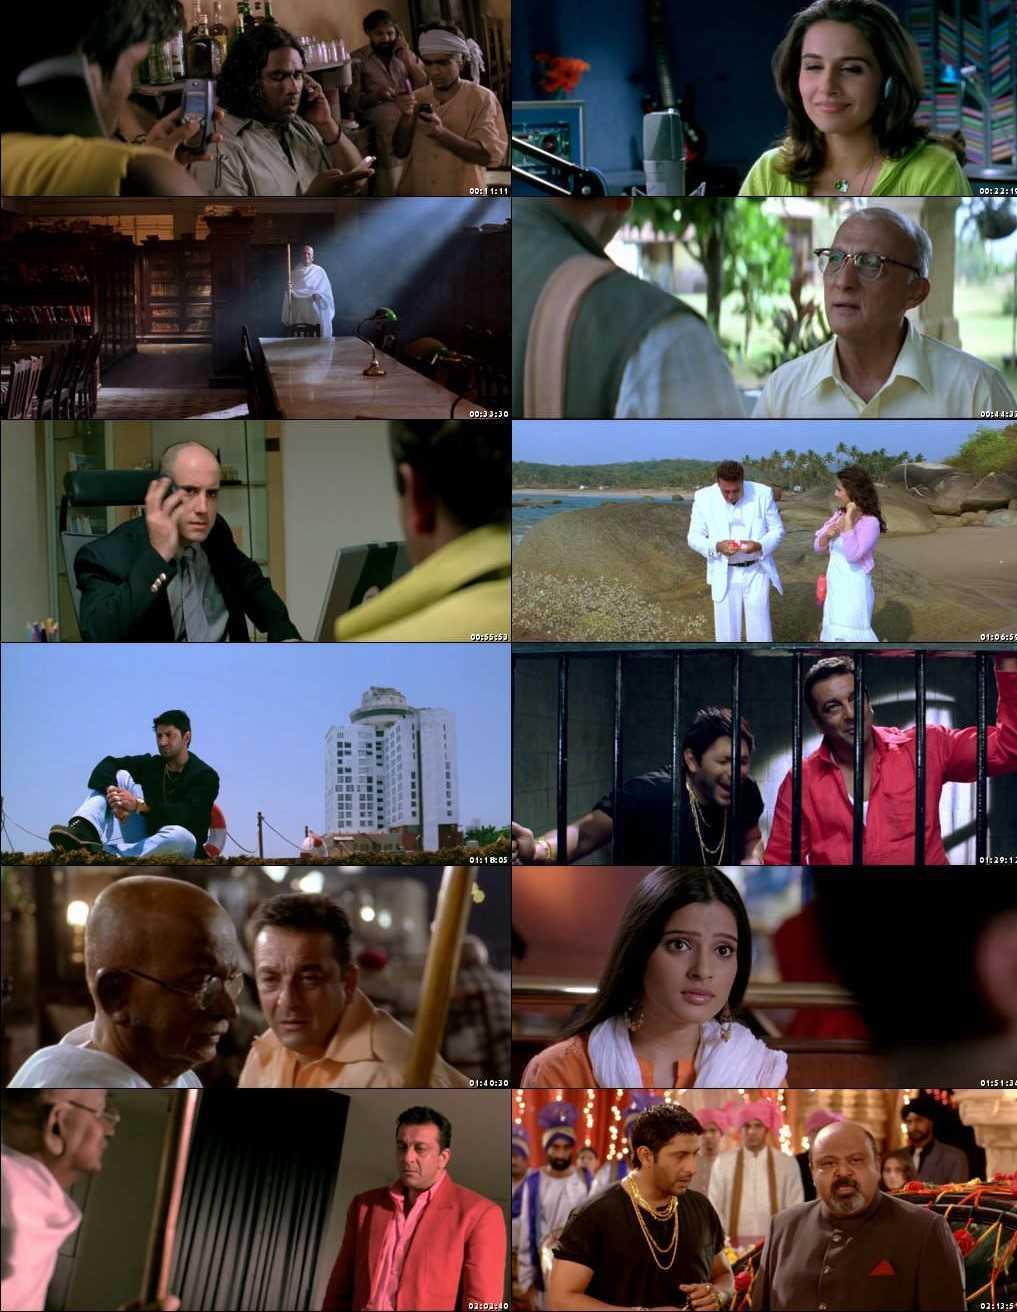 Lage Raho Munna Bhai 2006 Screenshot